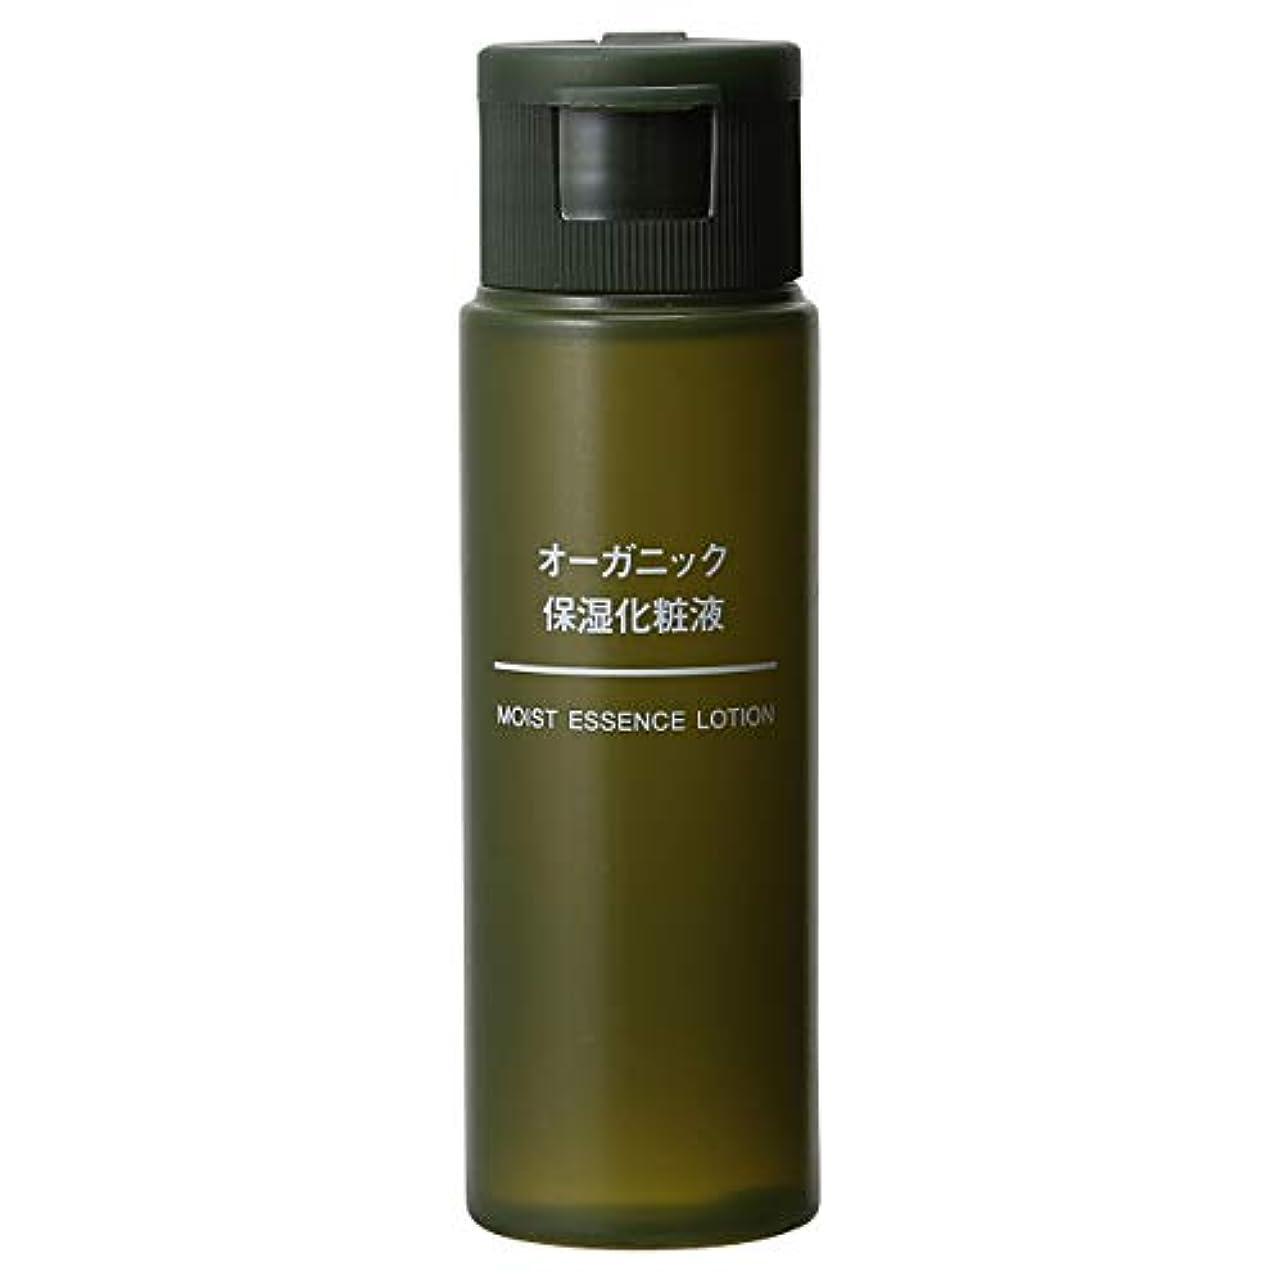 気まぐれな厚くする地下室無印良品 オーガニック保湿化粧液(携帯用) 50ml